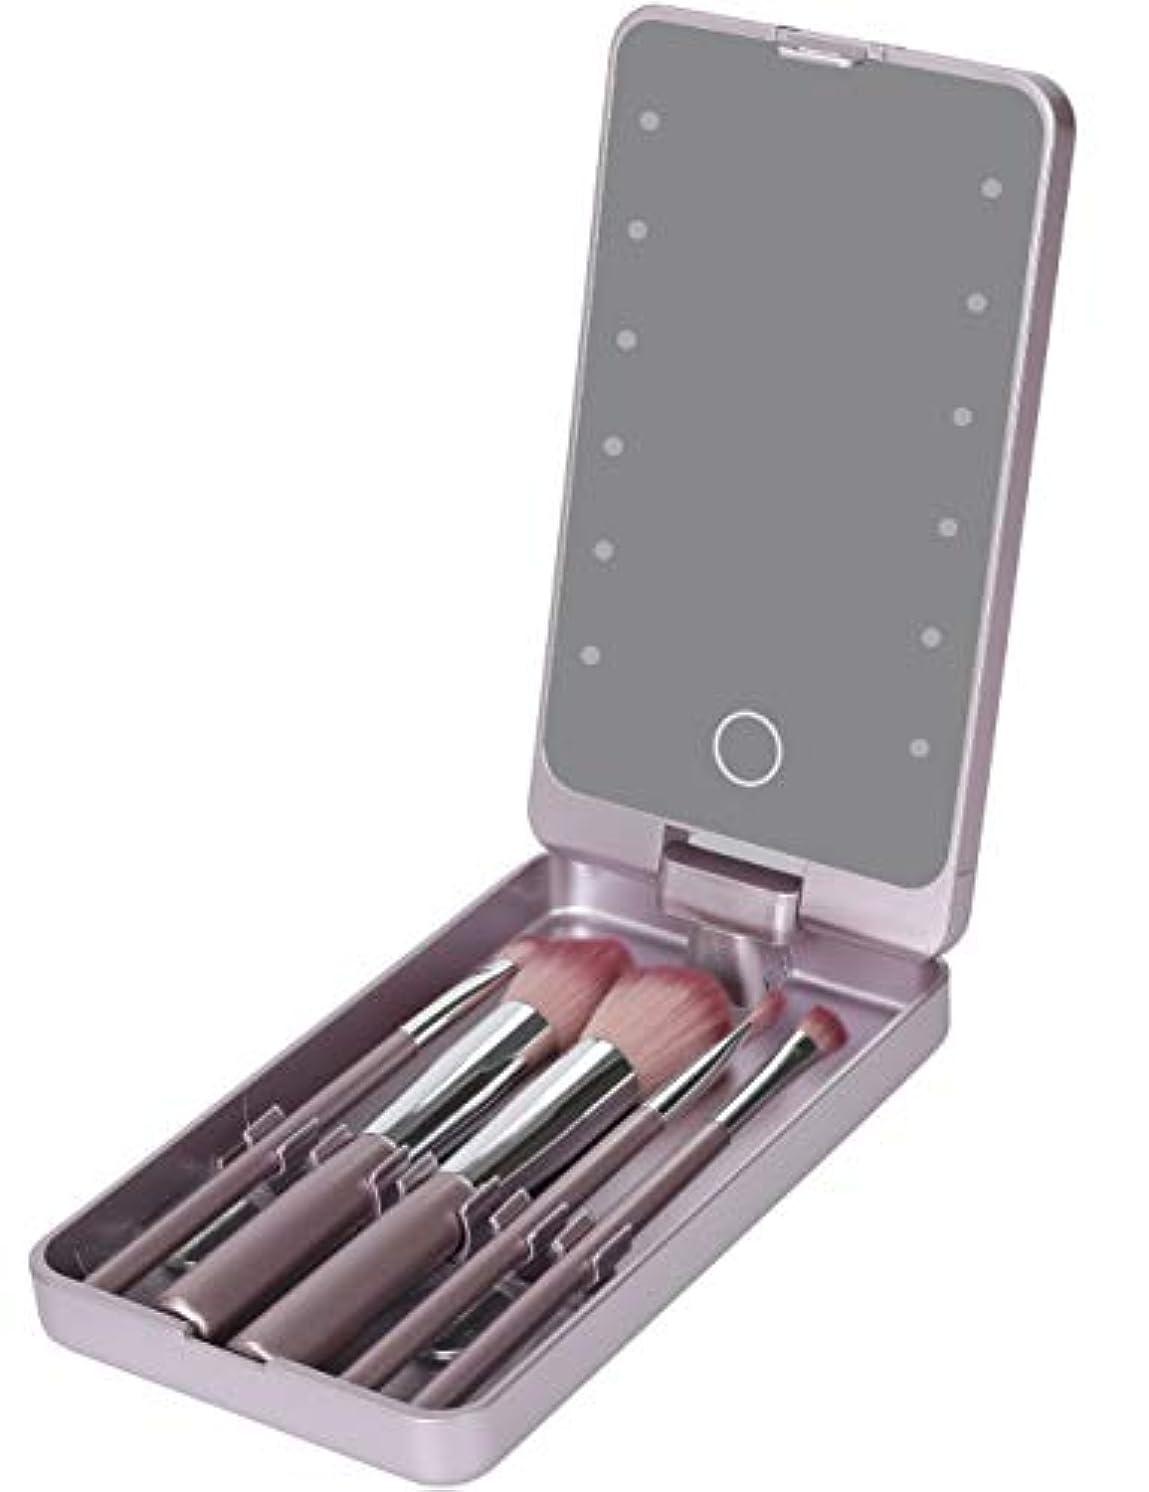 プラスチックきしむ作物Looife 化粧鏡 led ミラー 5化粧ブラシ付き ライト付き女優ミラー 携帯型 (紫の)